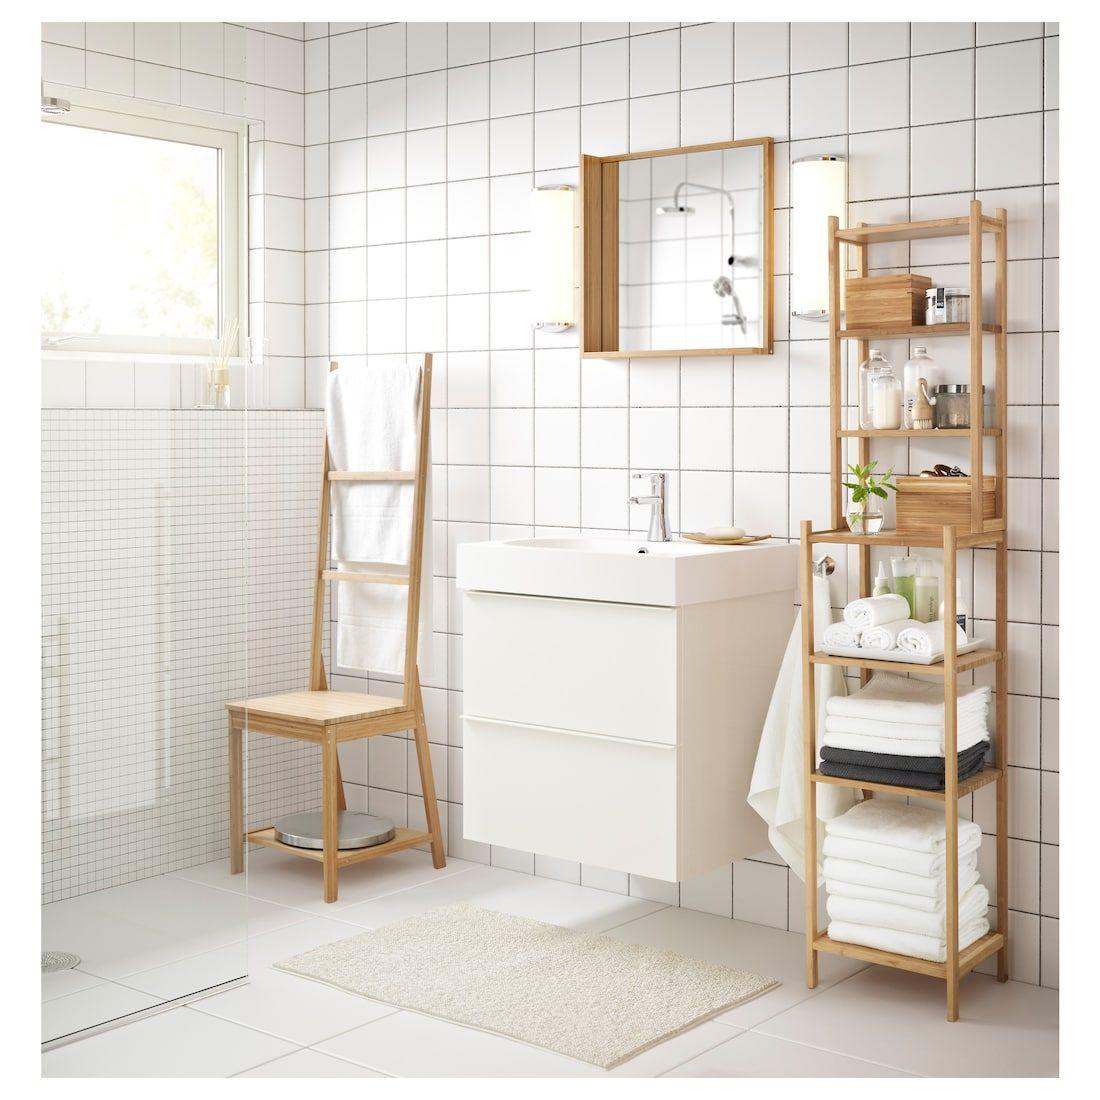 Ragrund Regal Bambus Ikea Osterreich Kleine Badaufbewahrung Ikea Badezimmer Bambus Badezimmer